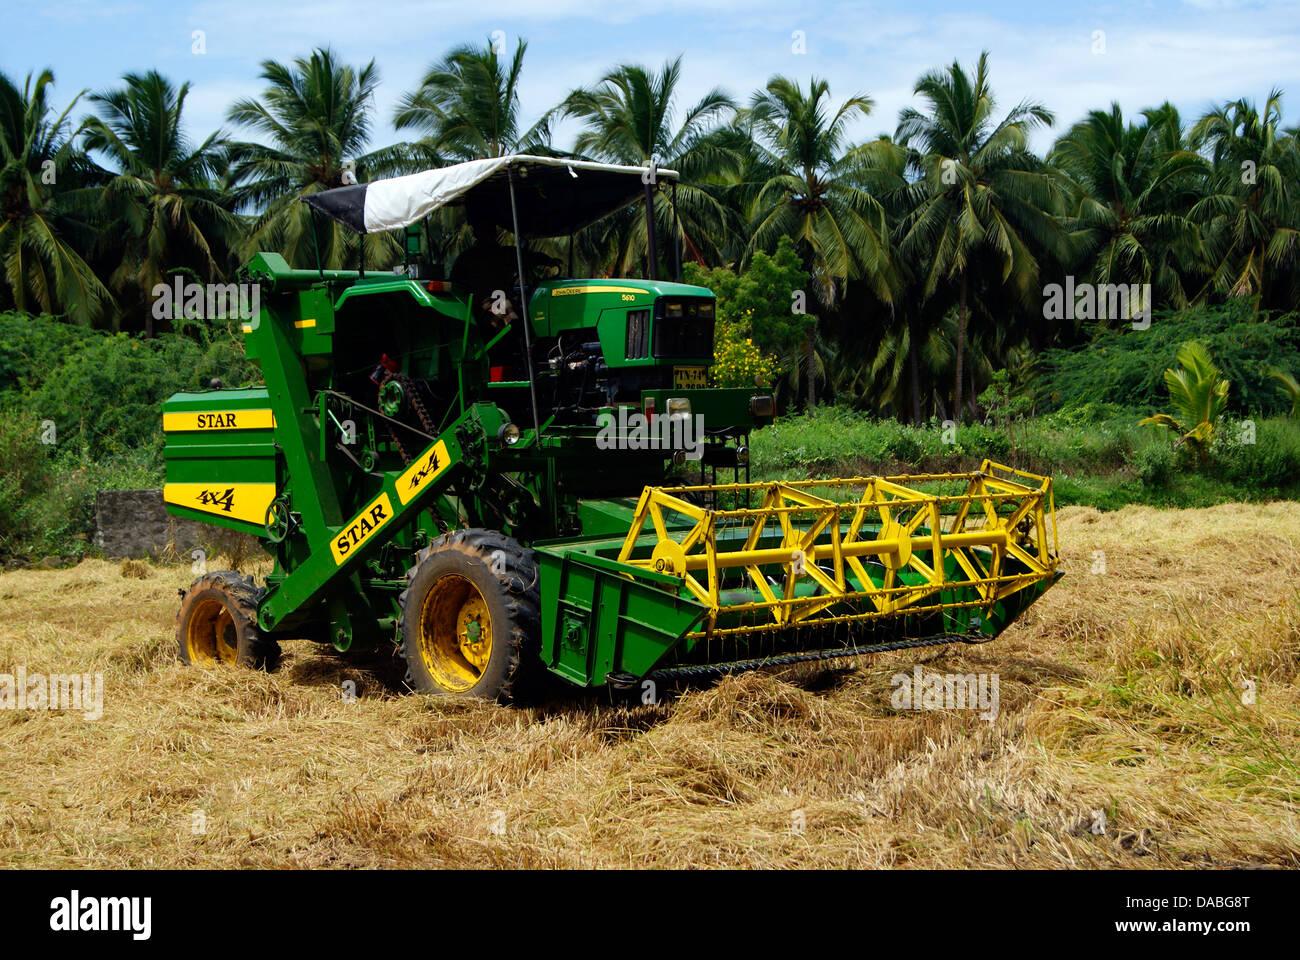 Tamil Nadu Farmers Stock Photos & Tamil Nadu Farmers Stock